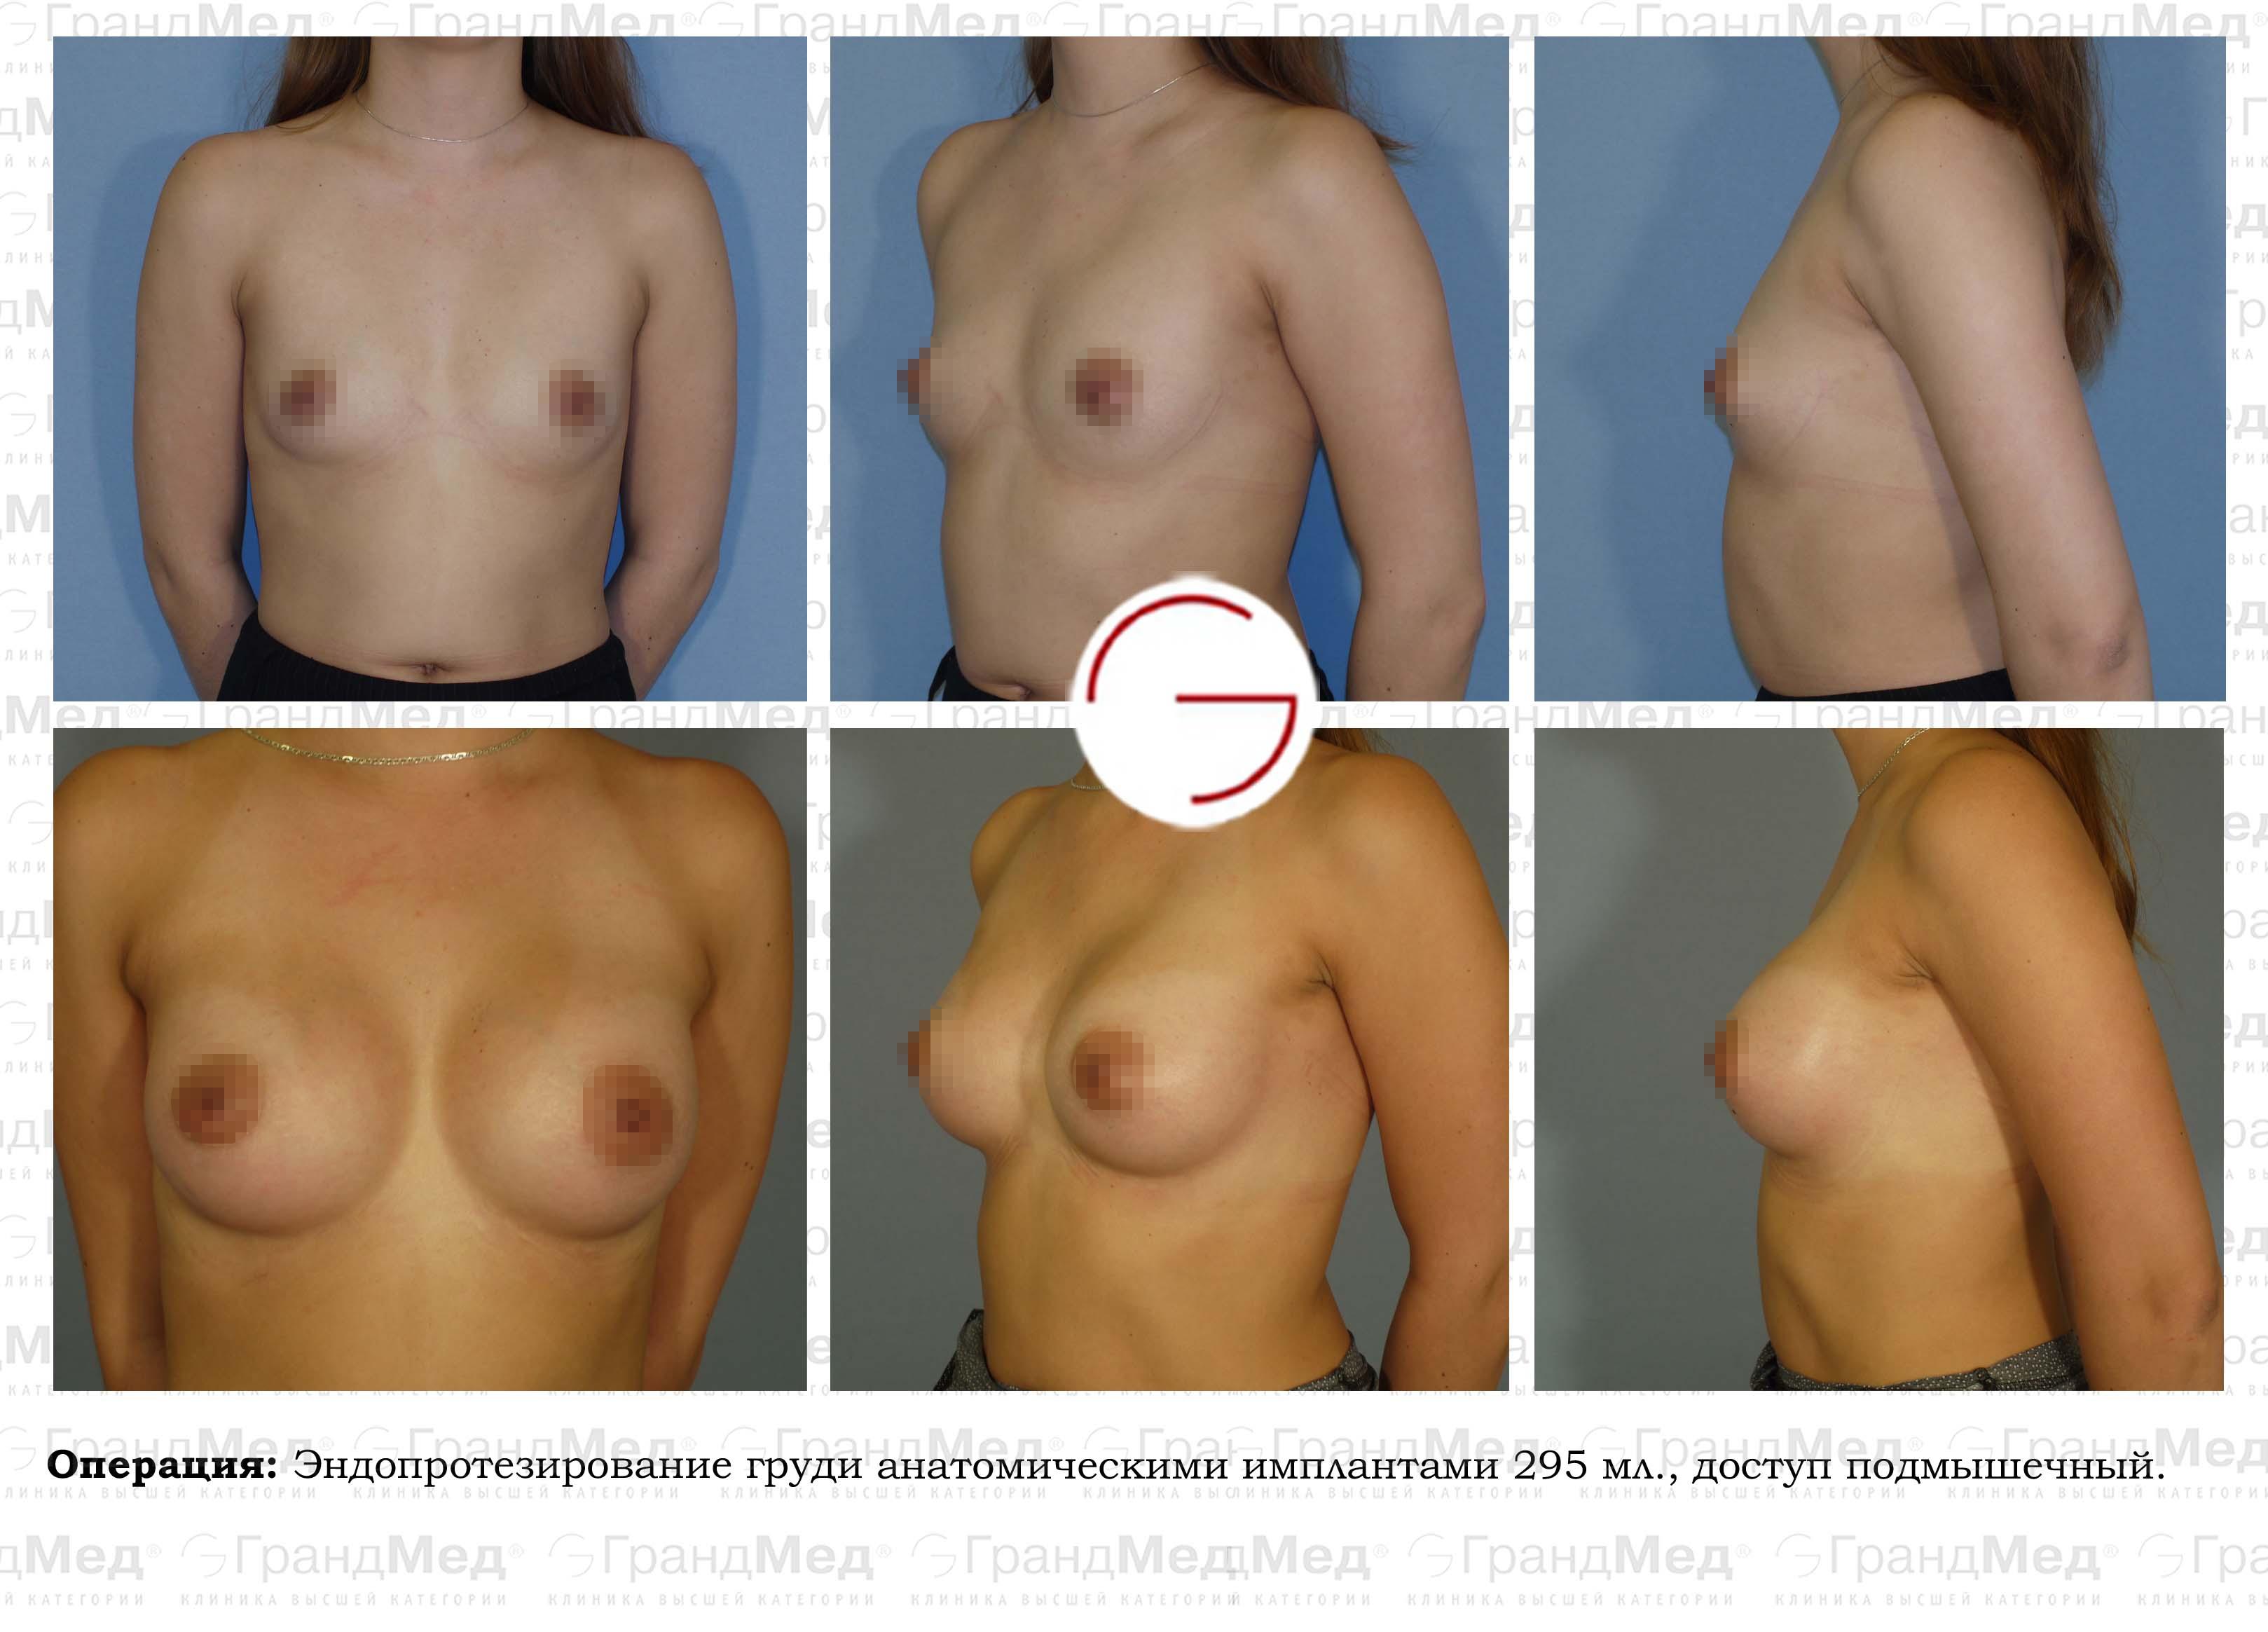 увеличение груди в краснодаре форум